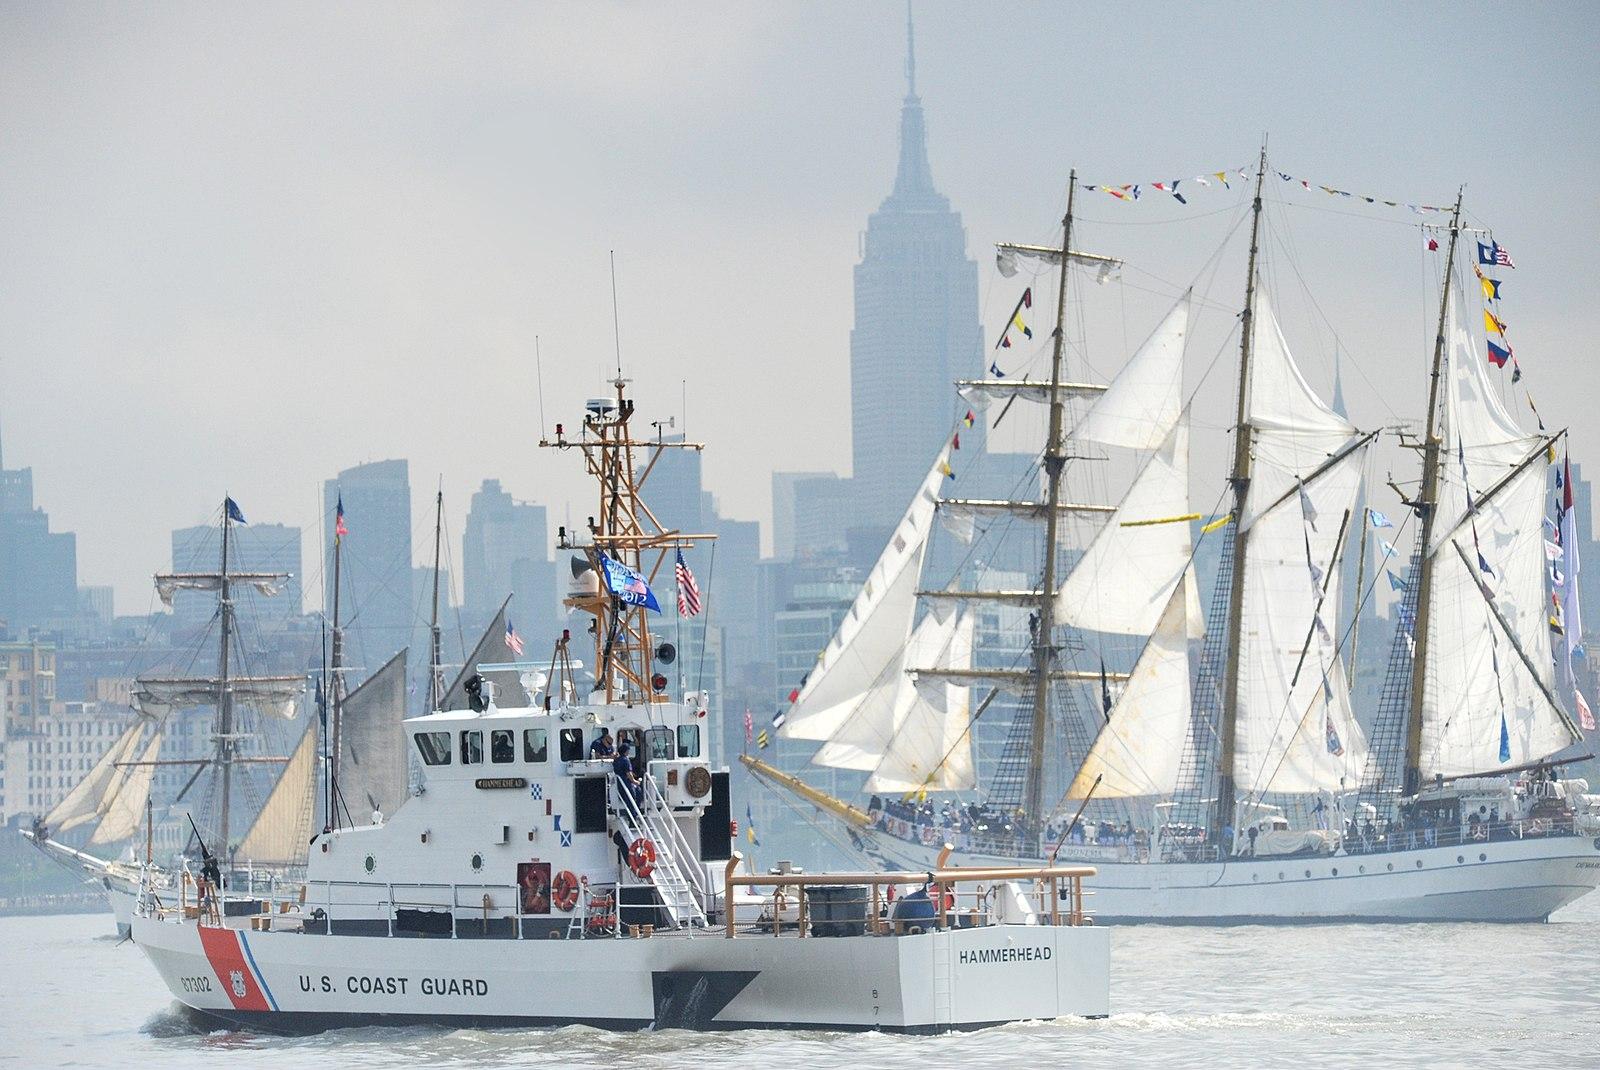 Fleet Week NYC